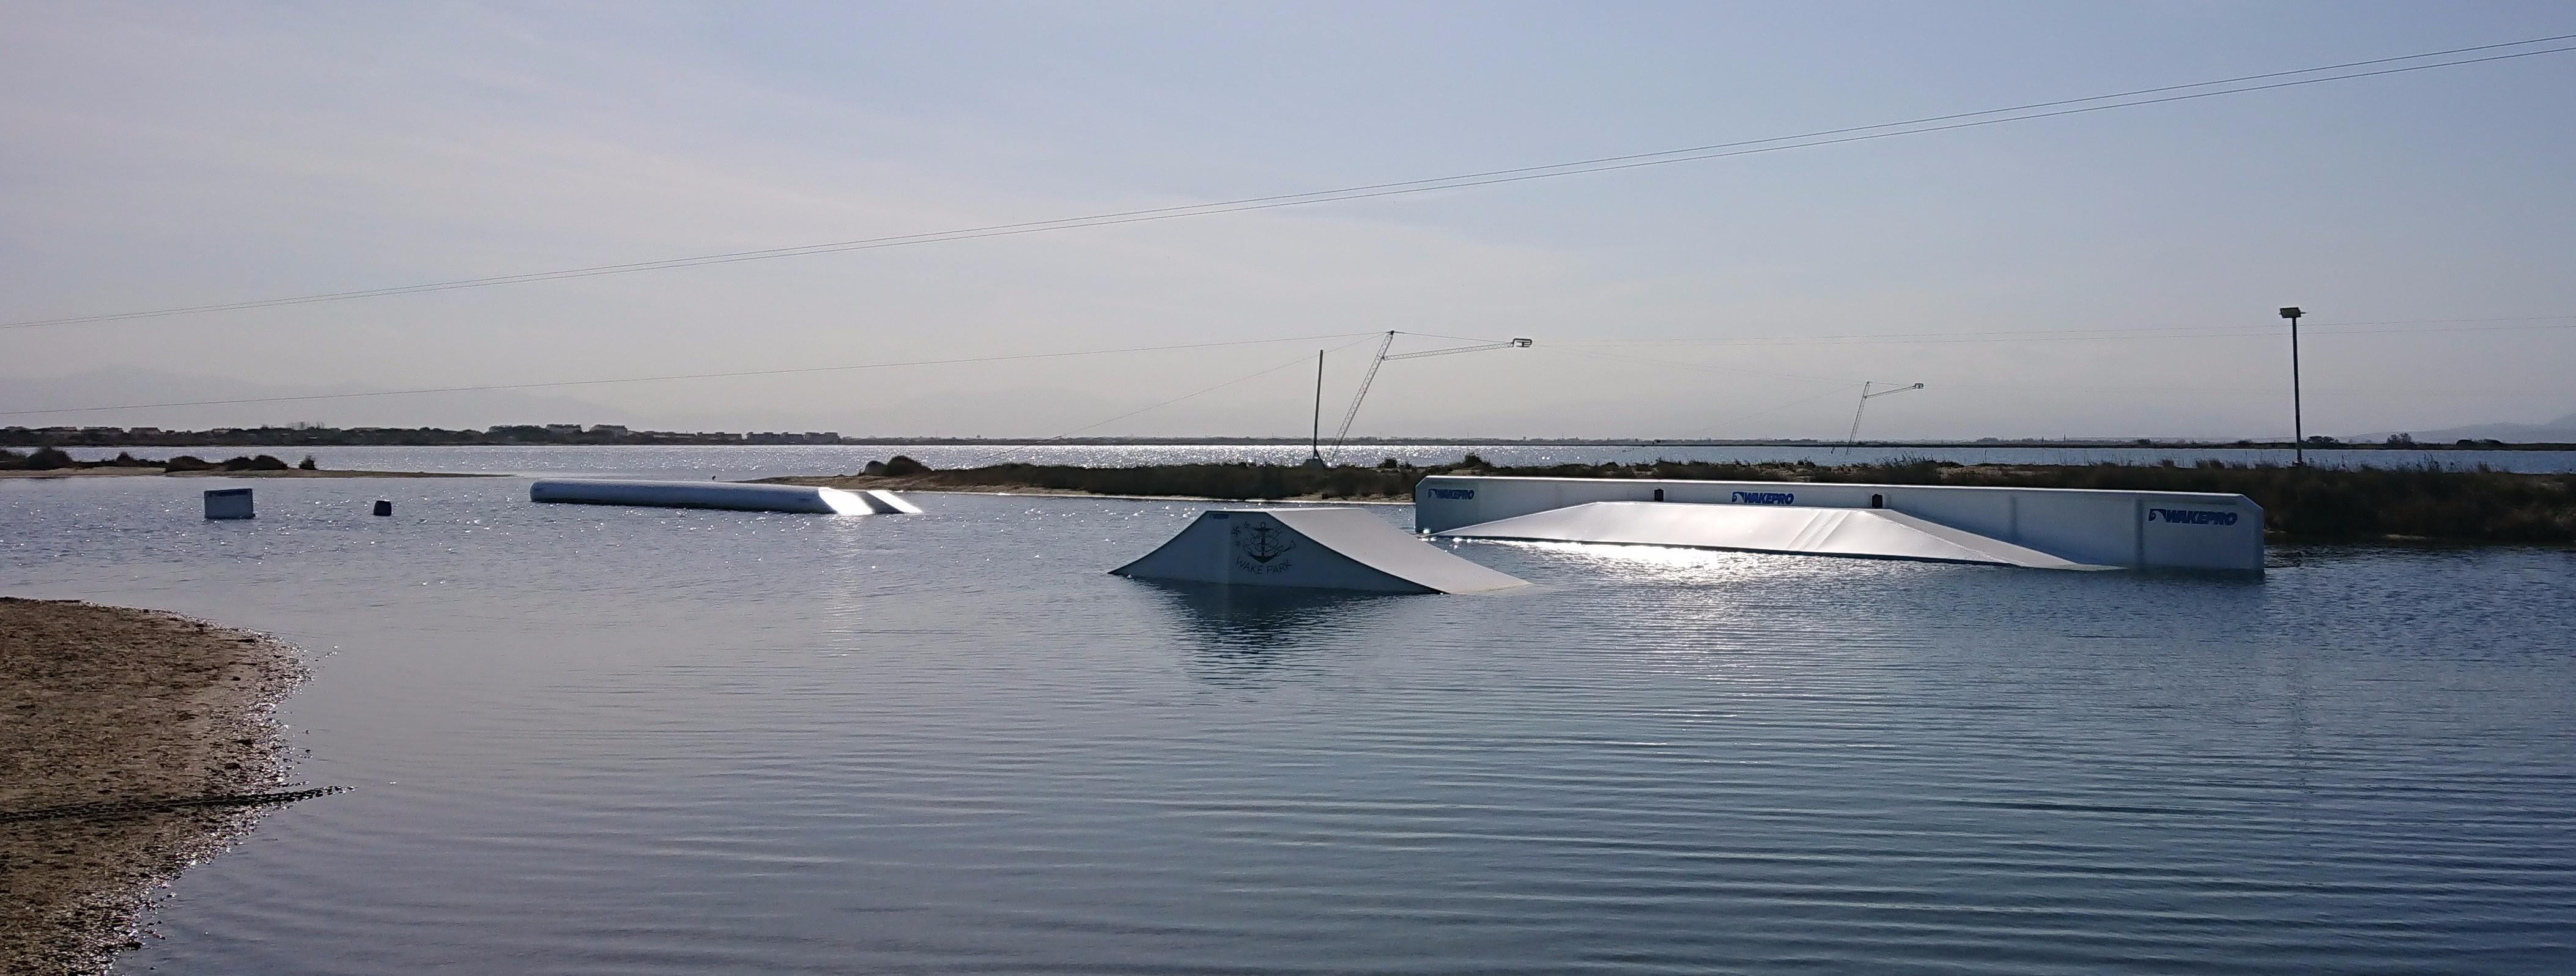 Téléski nautique sailor wake park 66 barcares 12